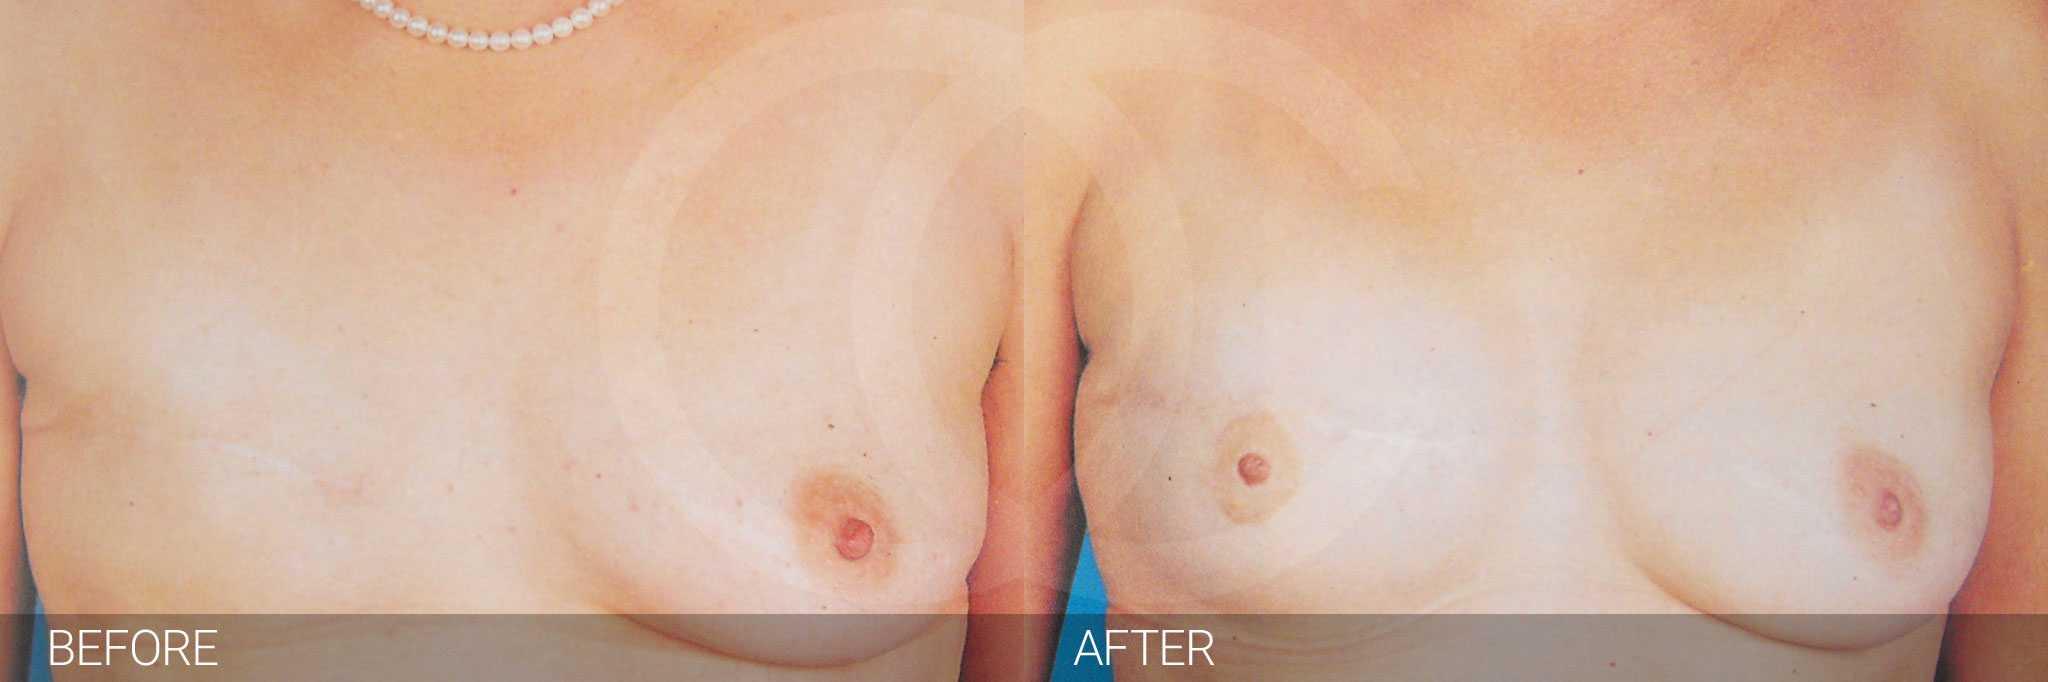 Reconstrucción mamaria después mastectomía ante/post-op I